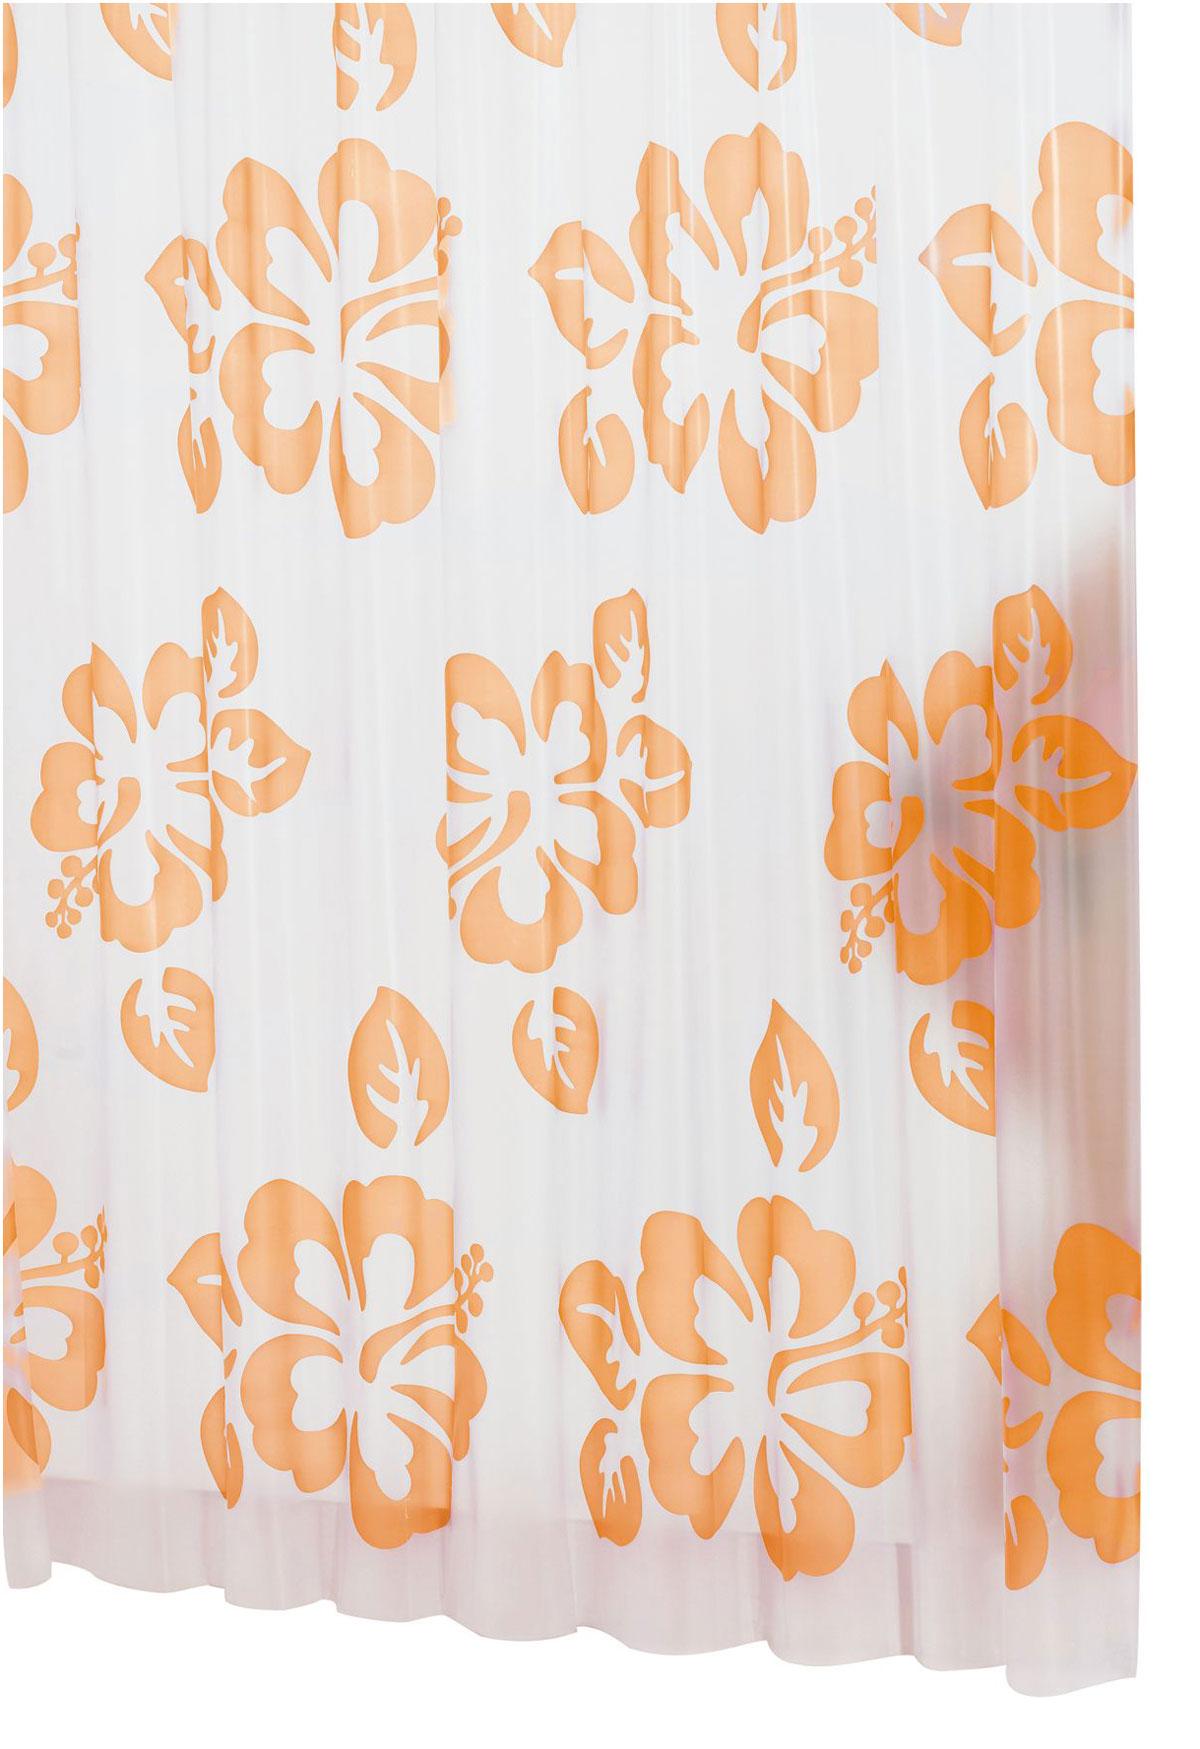 Штора для ванной комнаты Ridder Flowerpower, цвет: оранжевый, 180 х 200 см32354Высококачественная немецкая штора для душа создает прекрасное настроение. Продукты из эколена не имеют запаха и считаются экологически чистыми. Ручная стирка. Не гладить.